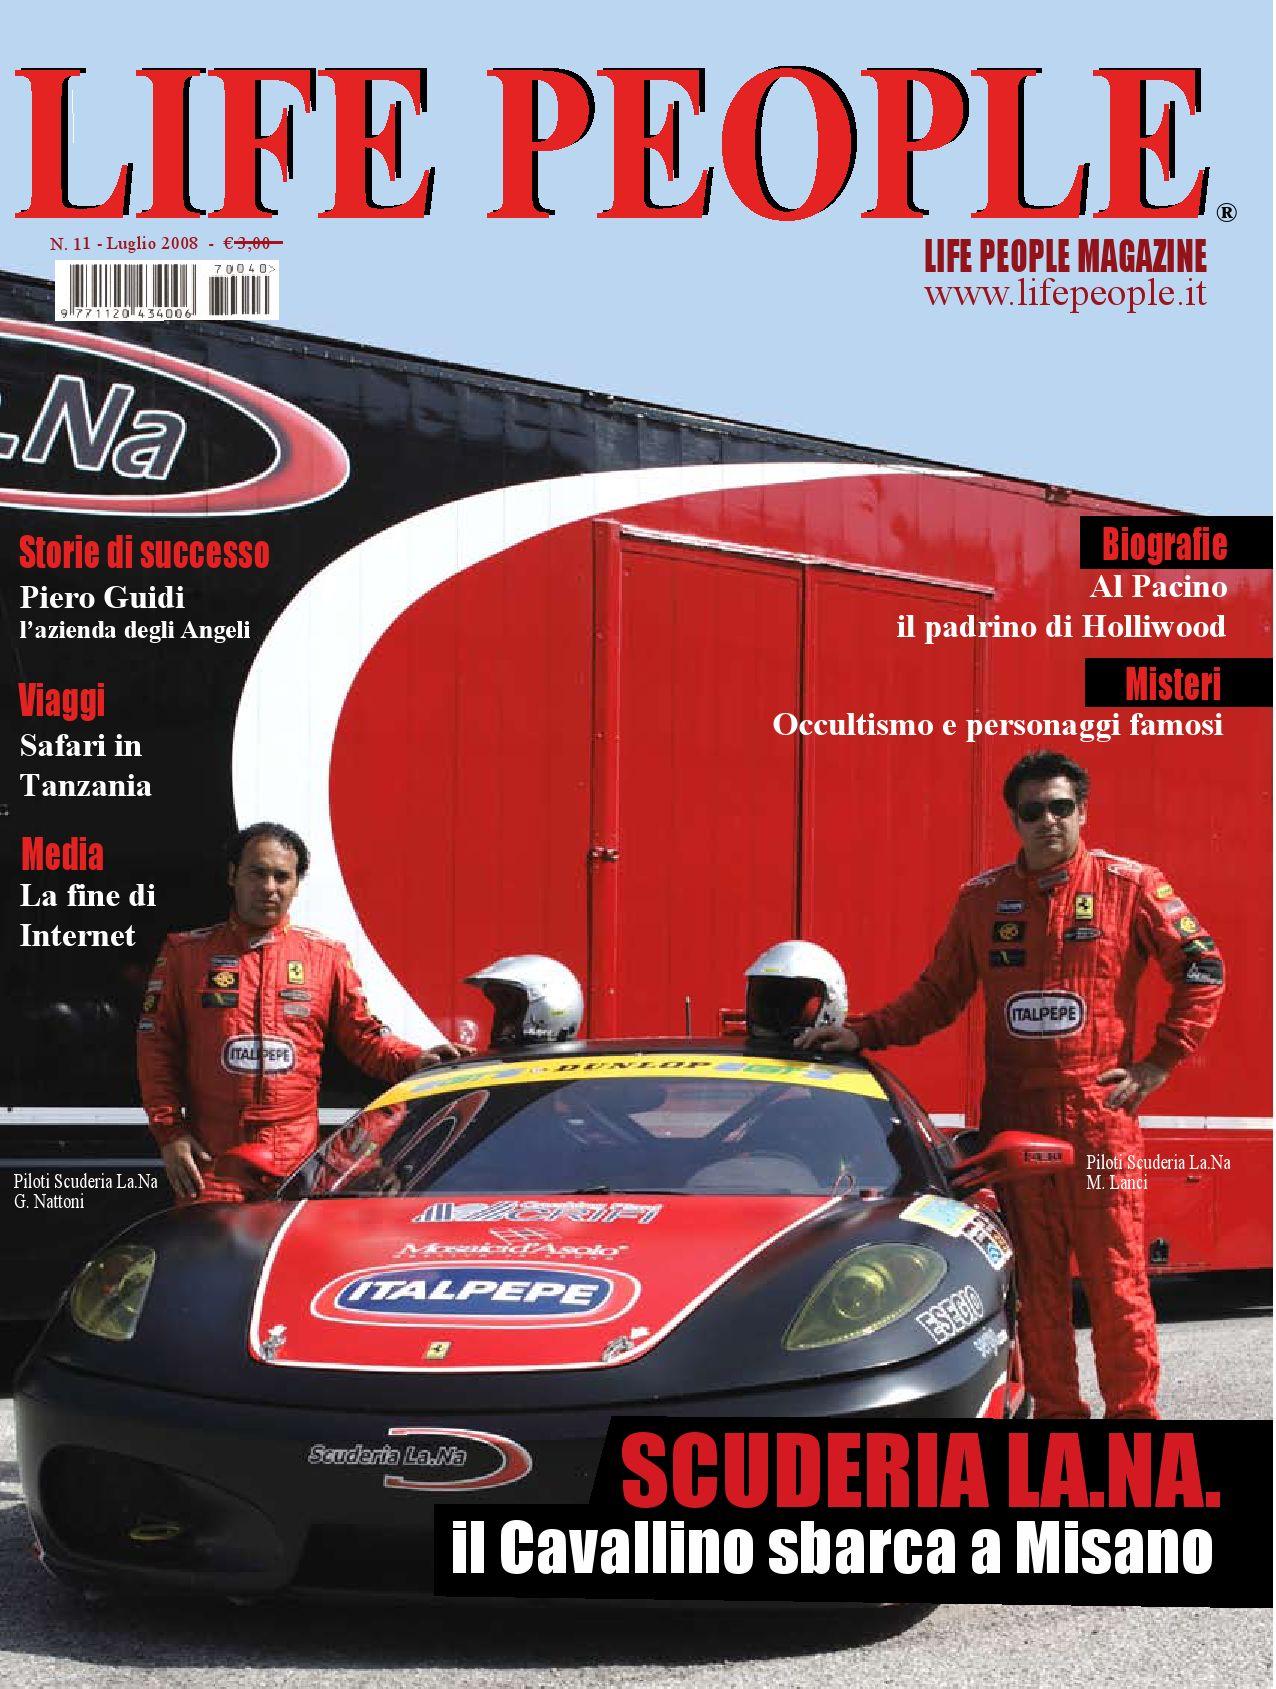 Life People magazine Free magazine Pesaro by Gianni